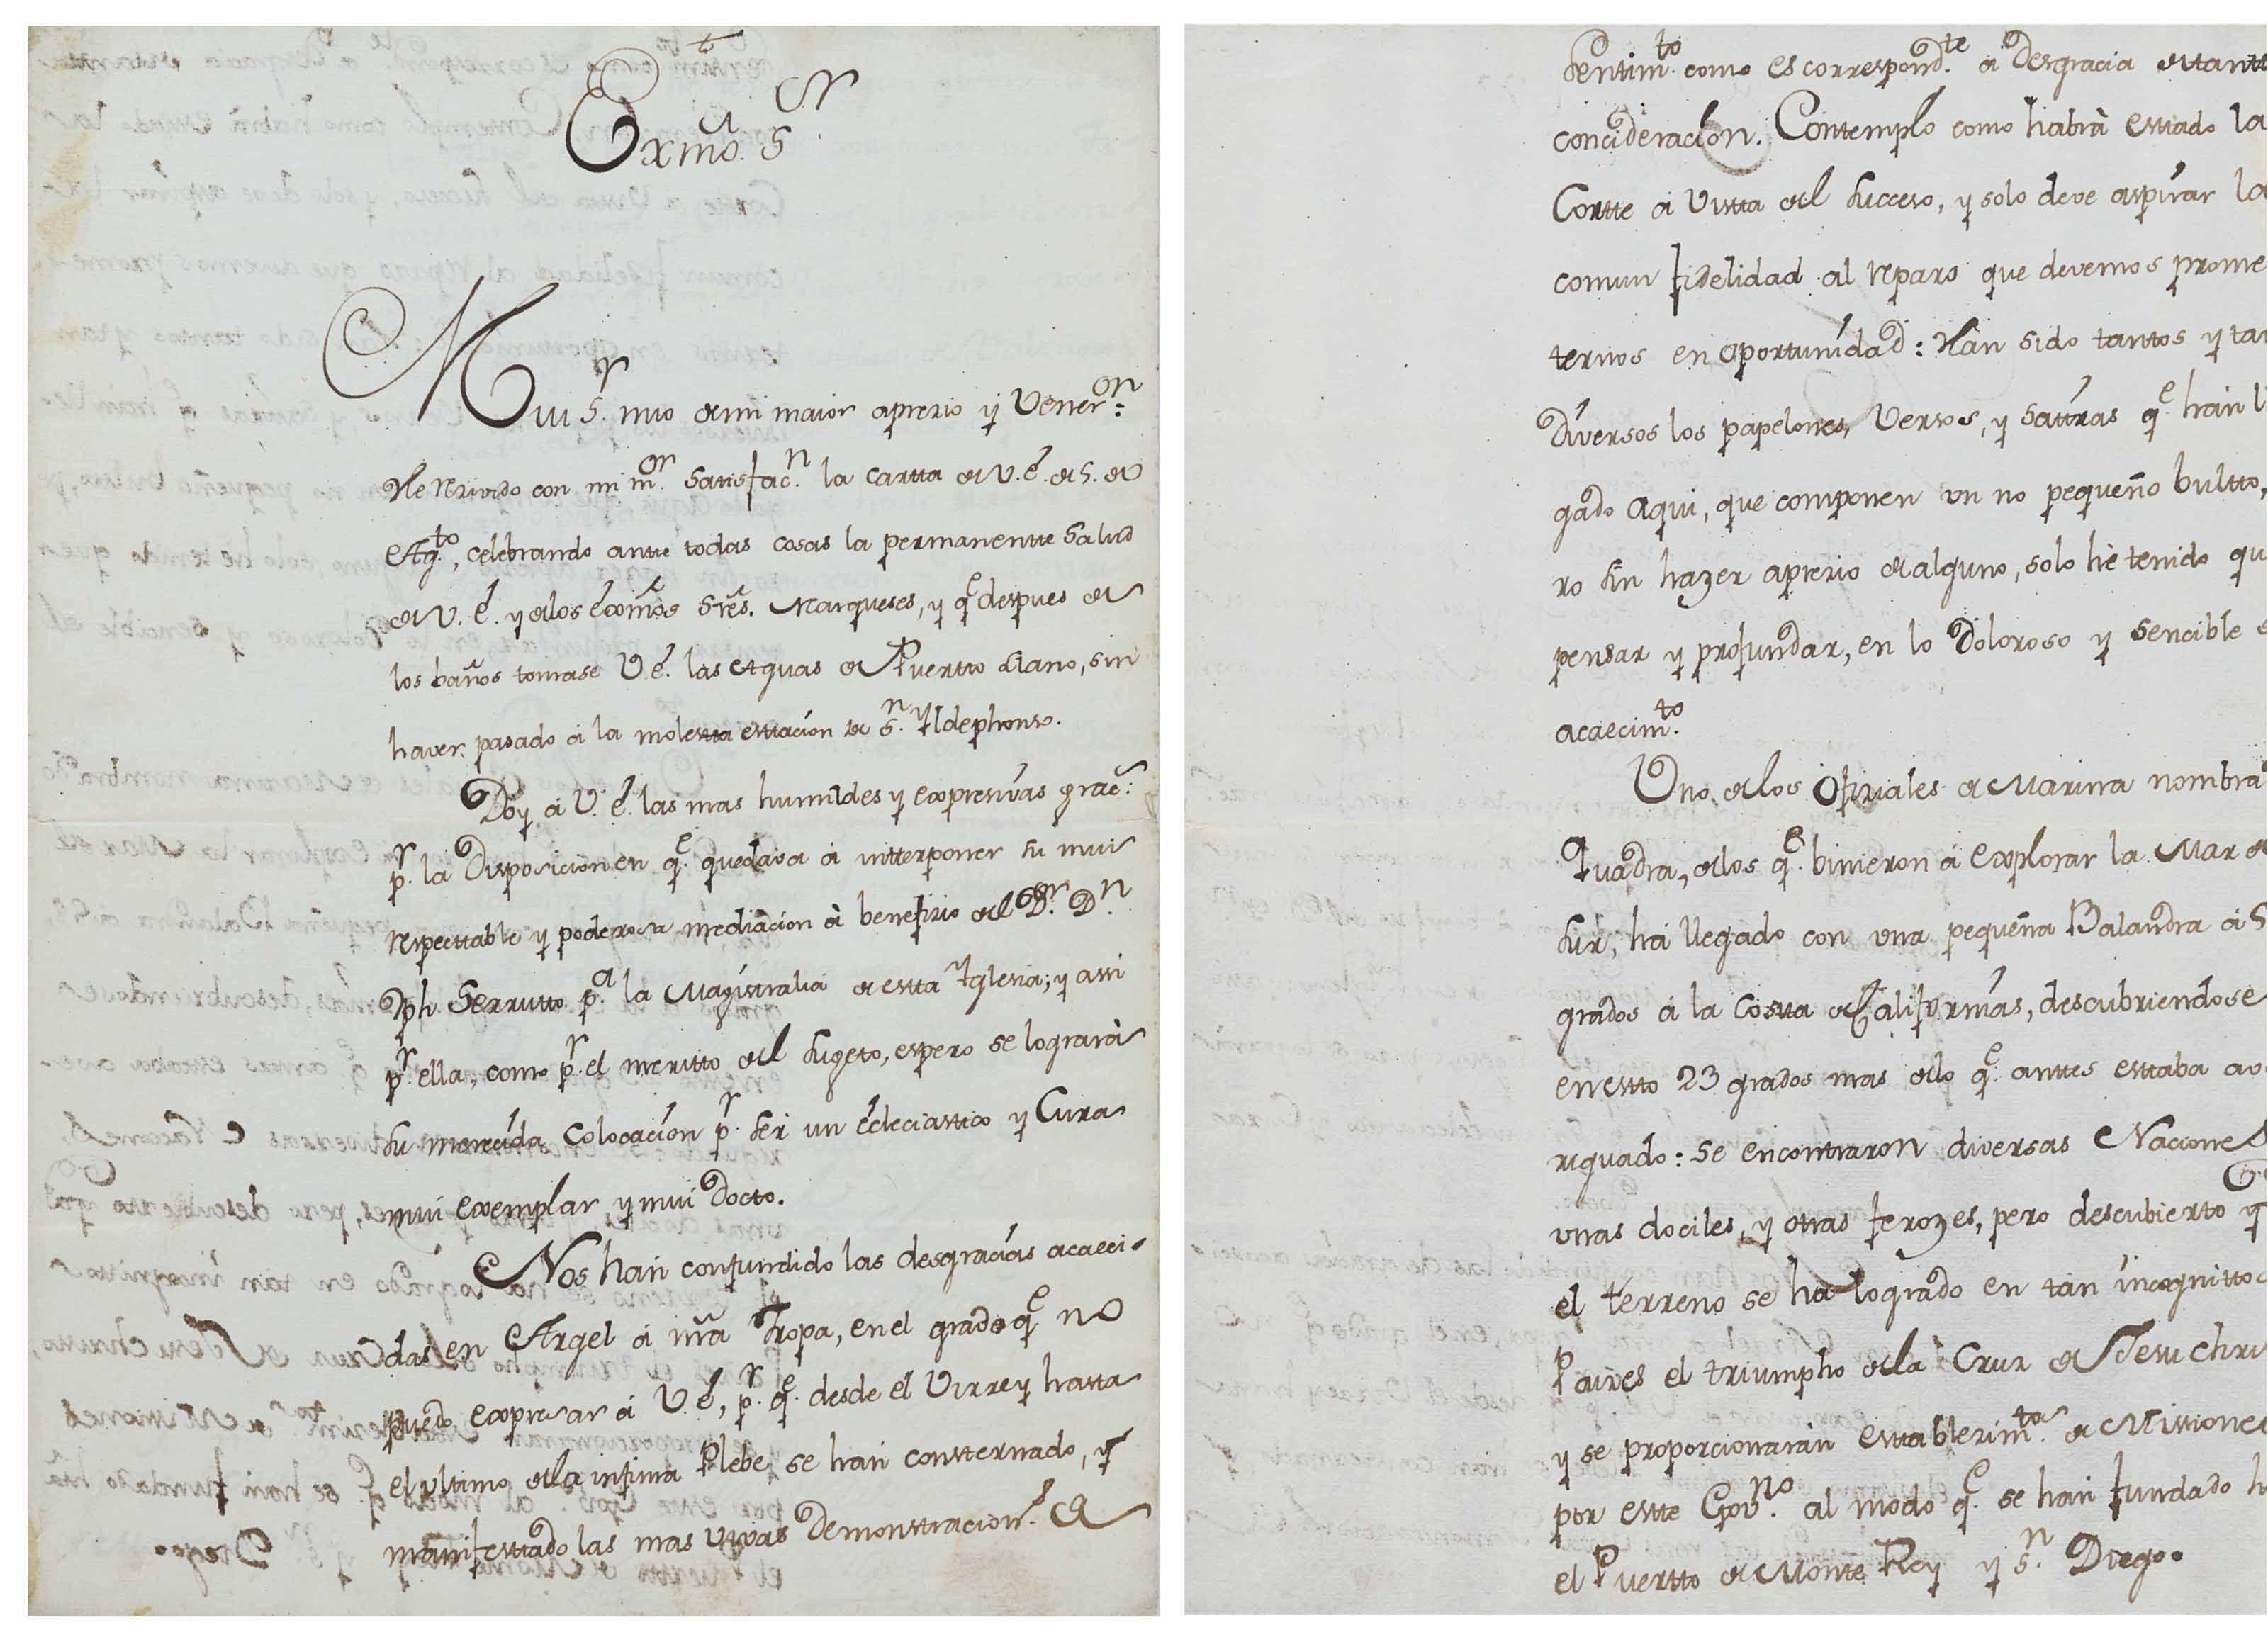 BODEGA Y QUADRA – GAMBOA, Francisco Xavier de (1717-1794). Autograph letter...